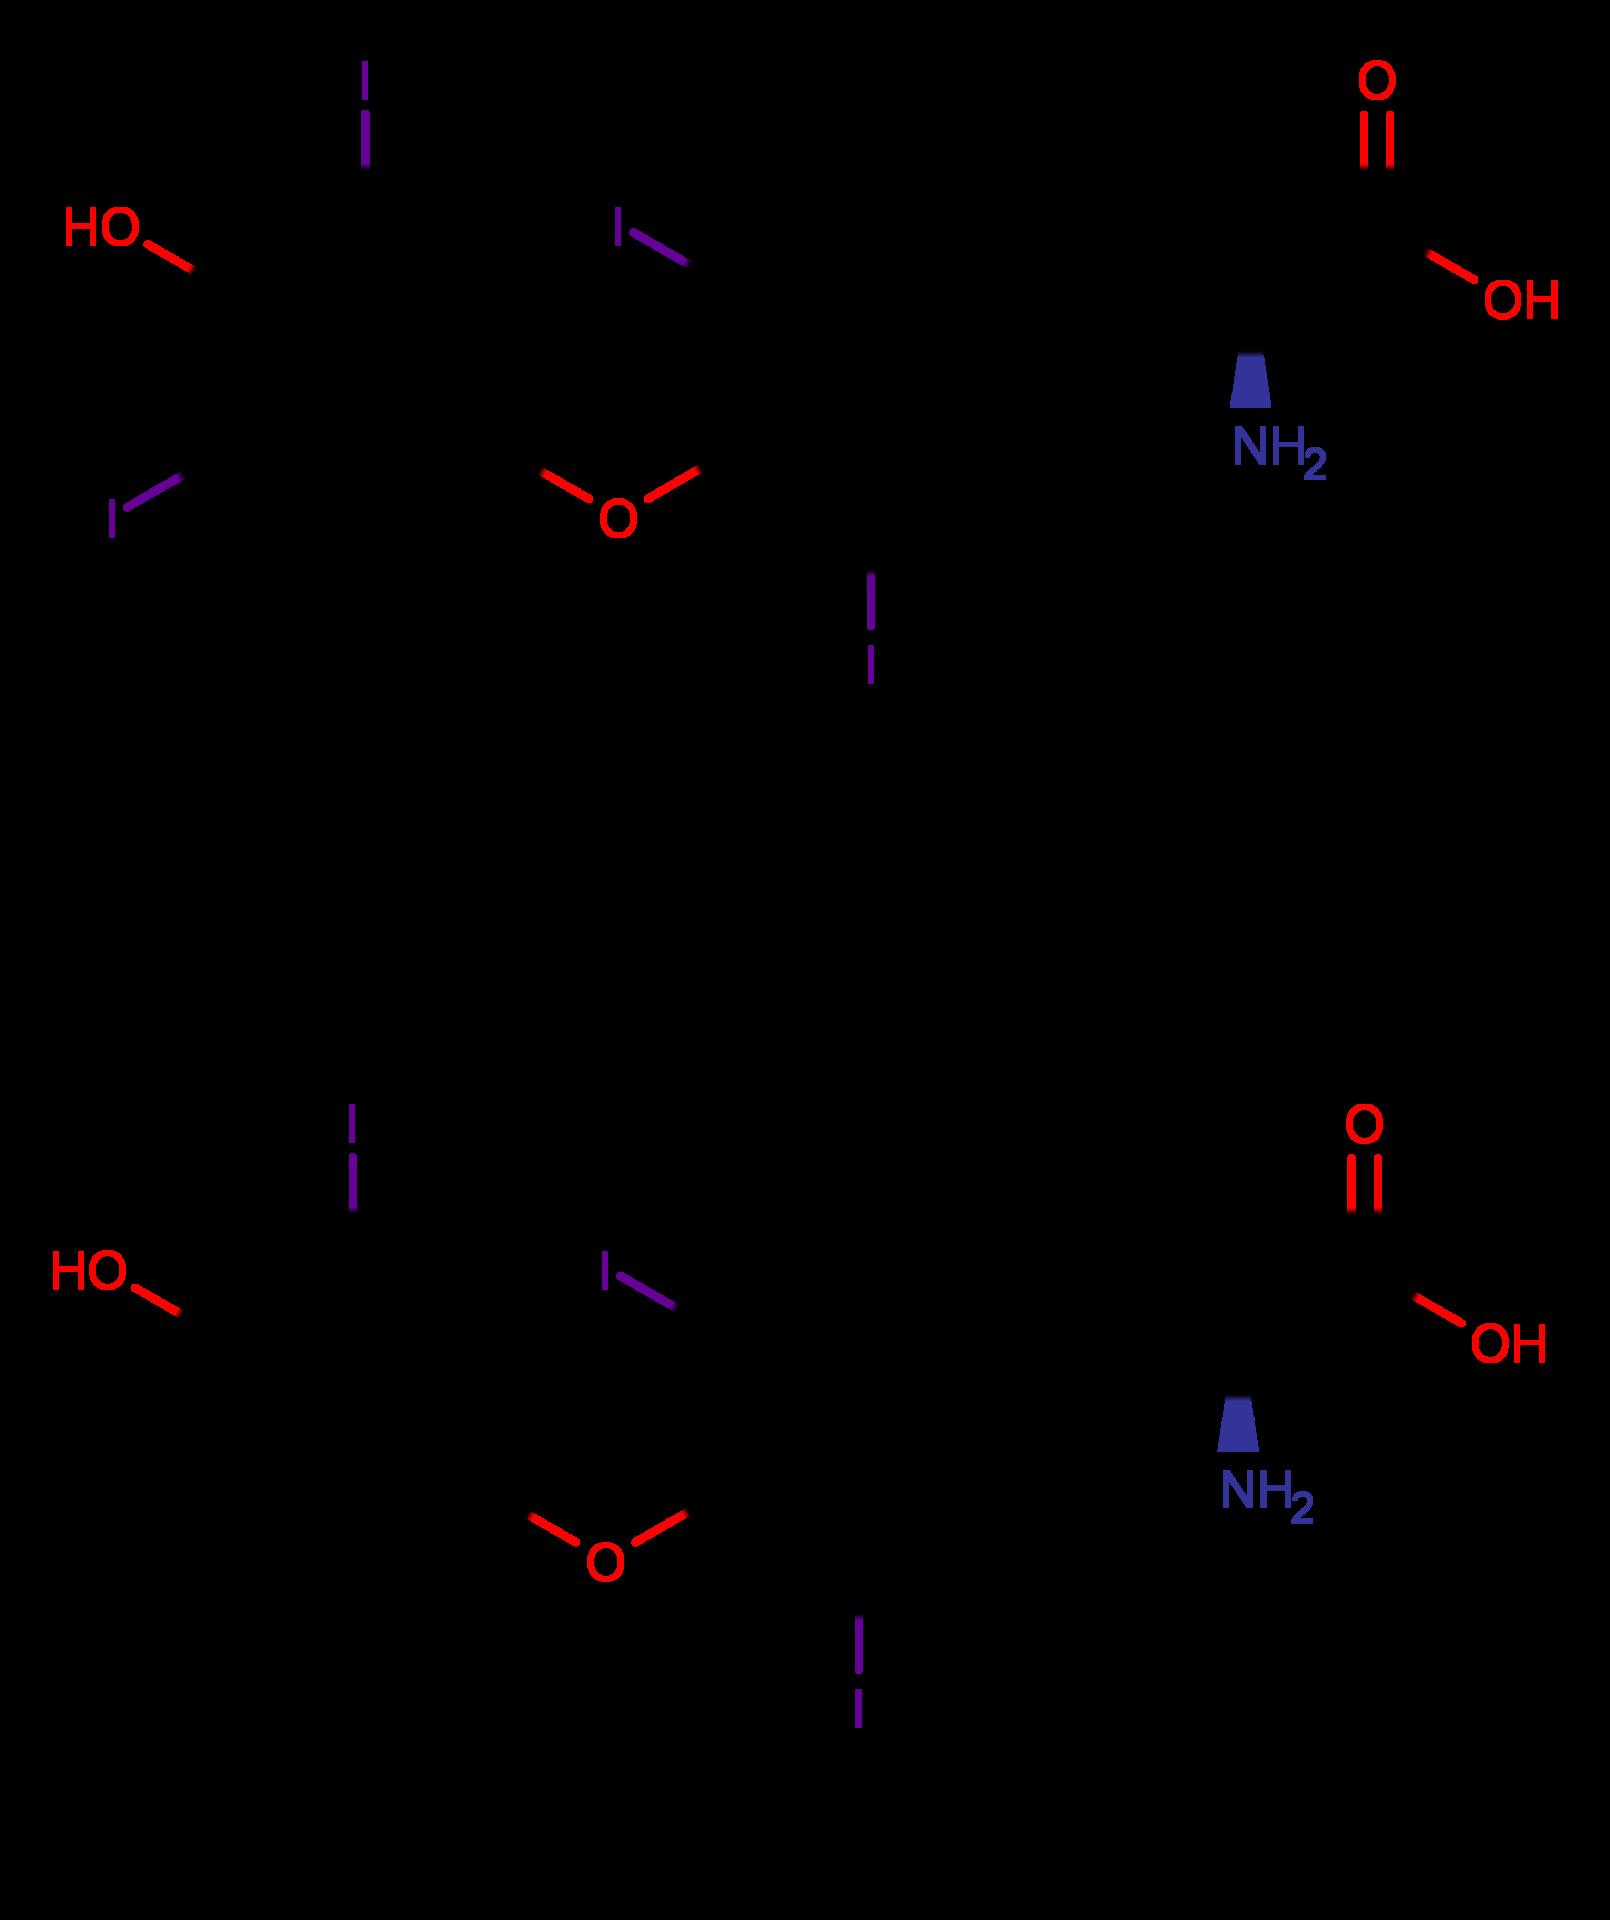 Umwandlung von Tetraiodthyronin (T4) in Triiodthyronin (T3) über die Deiodinasen DIO1 und DIO2